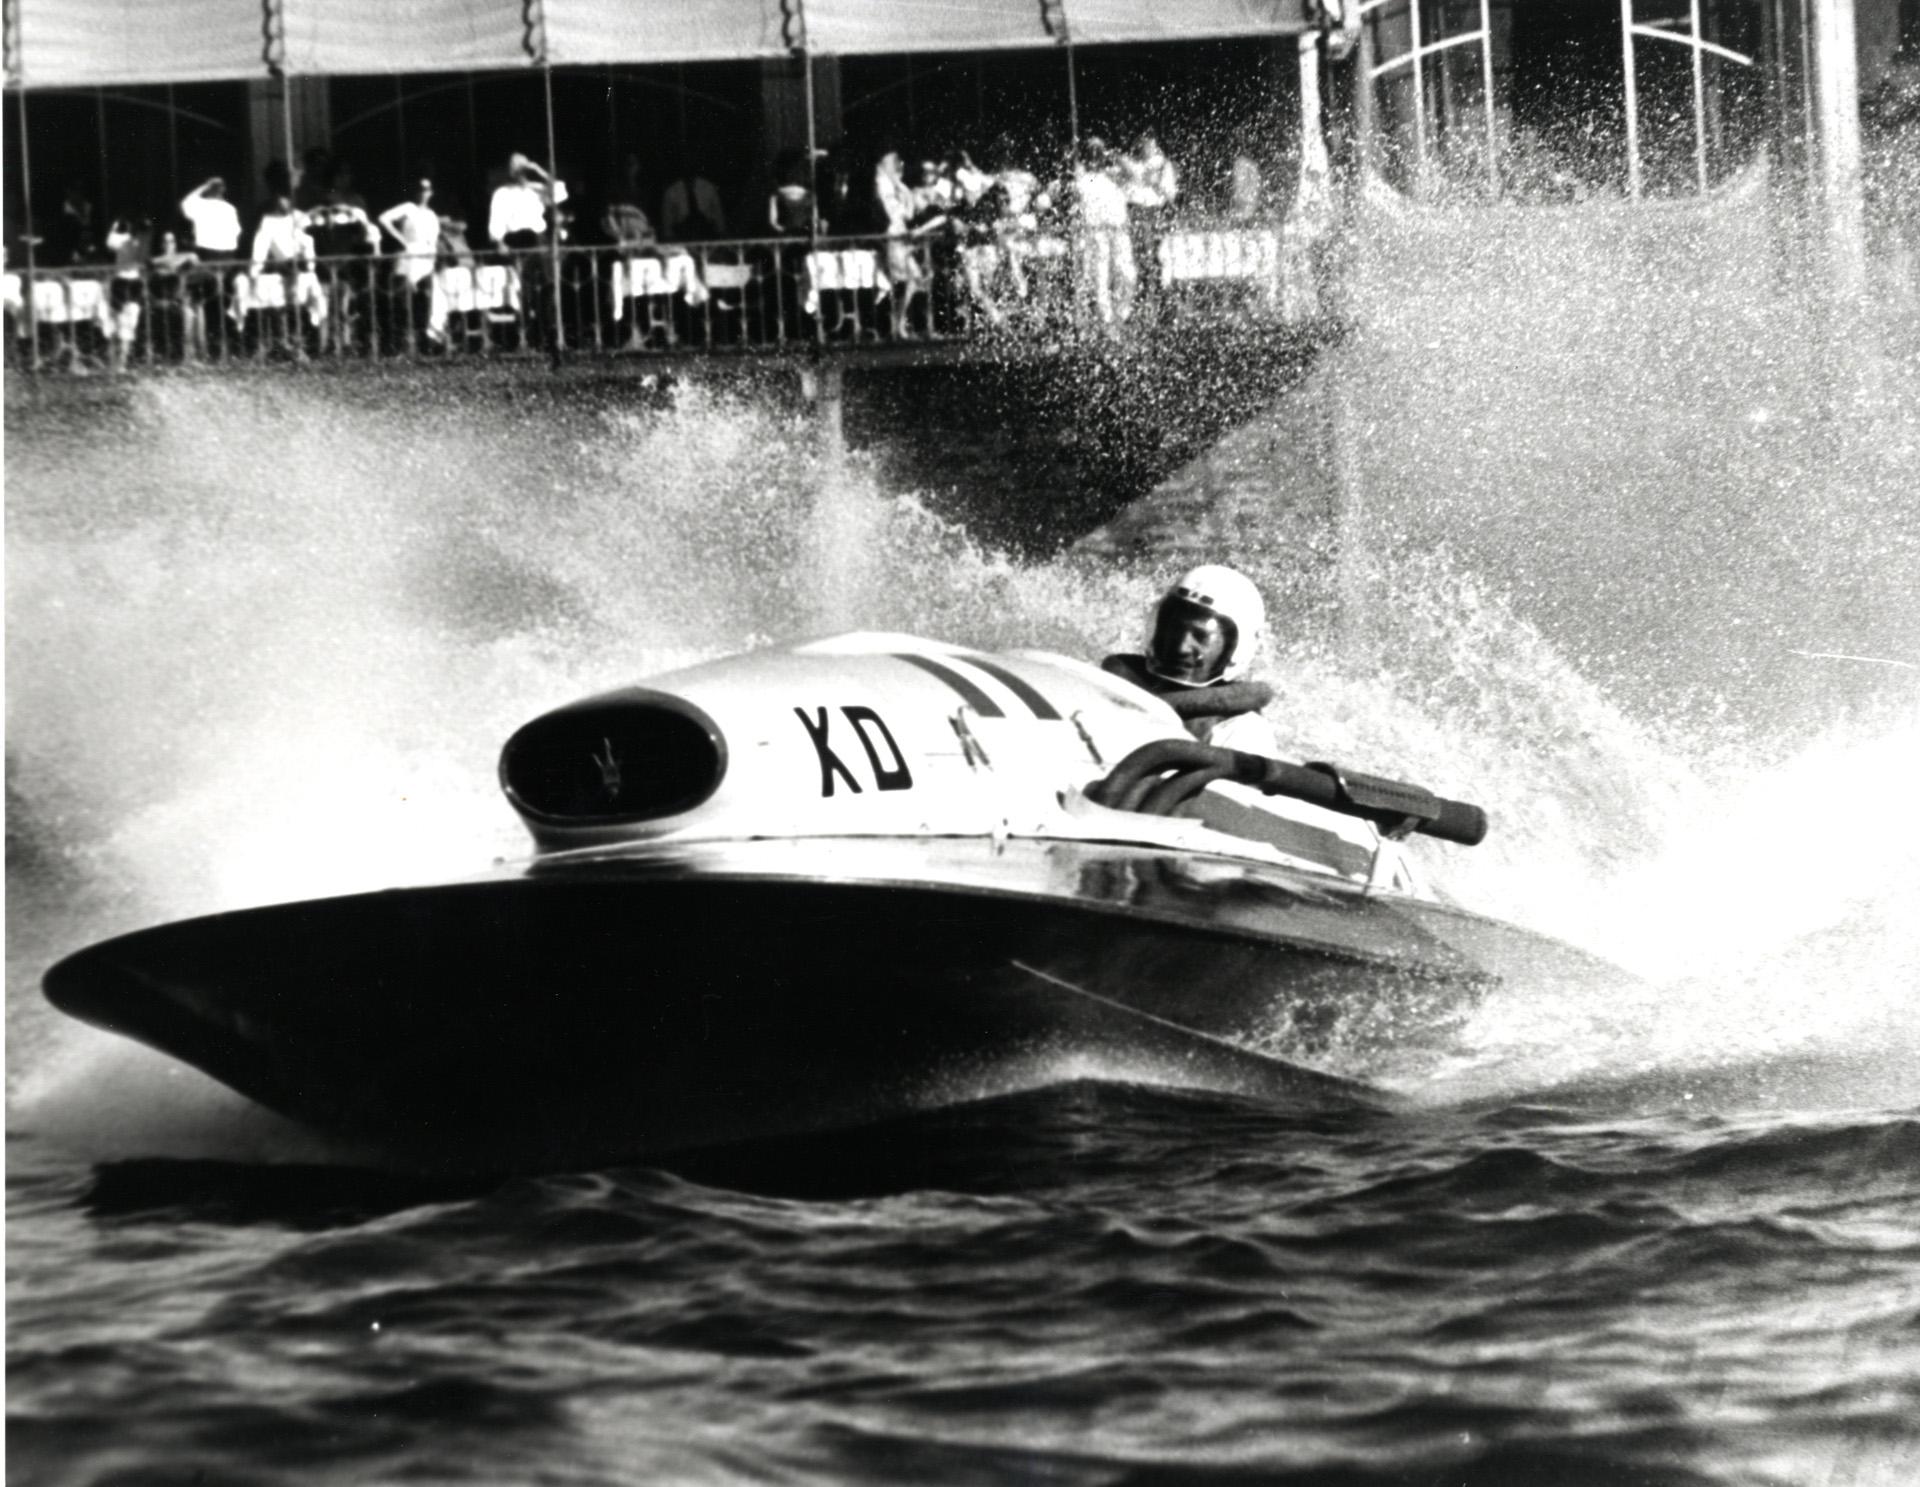 Luciana II - Celli (1958)